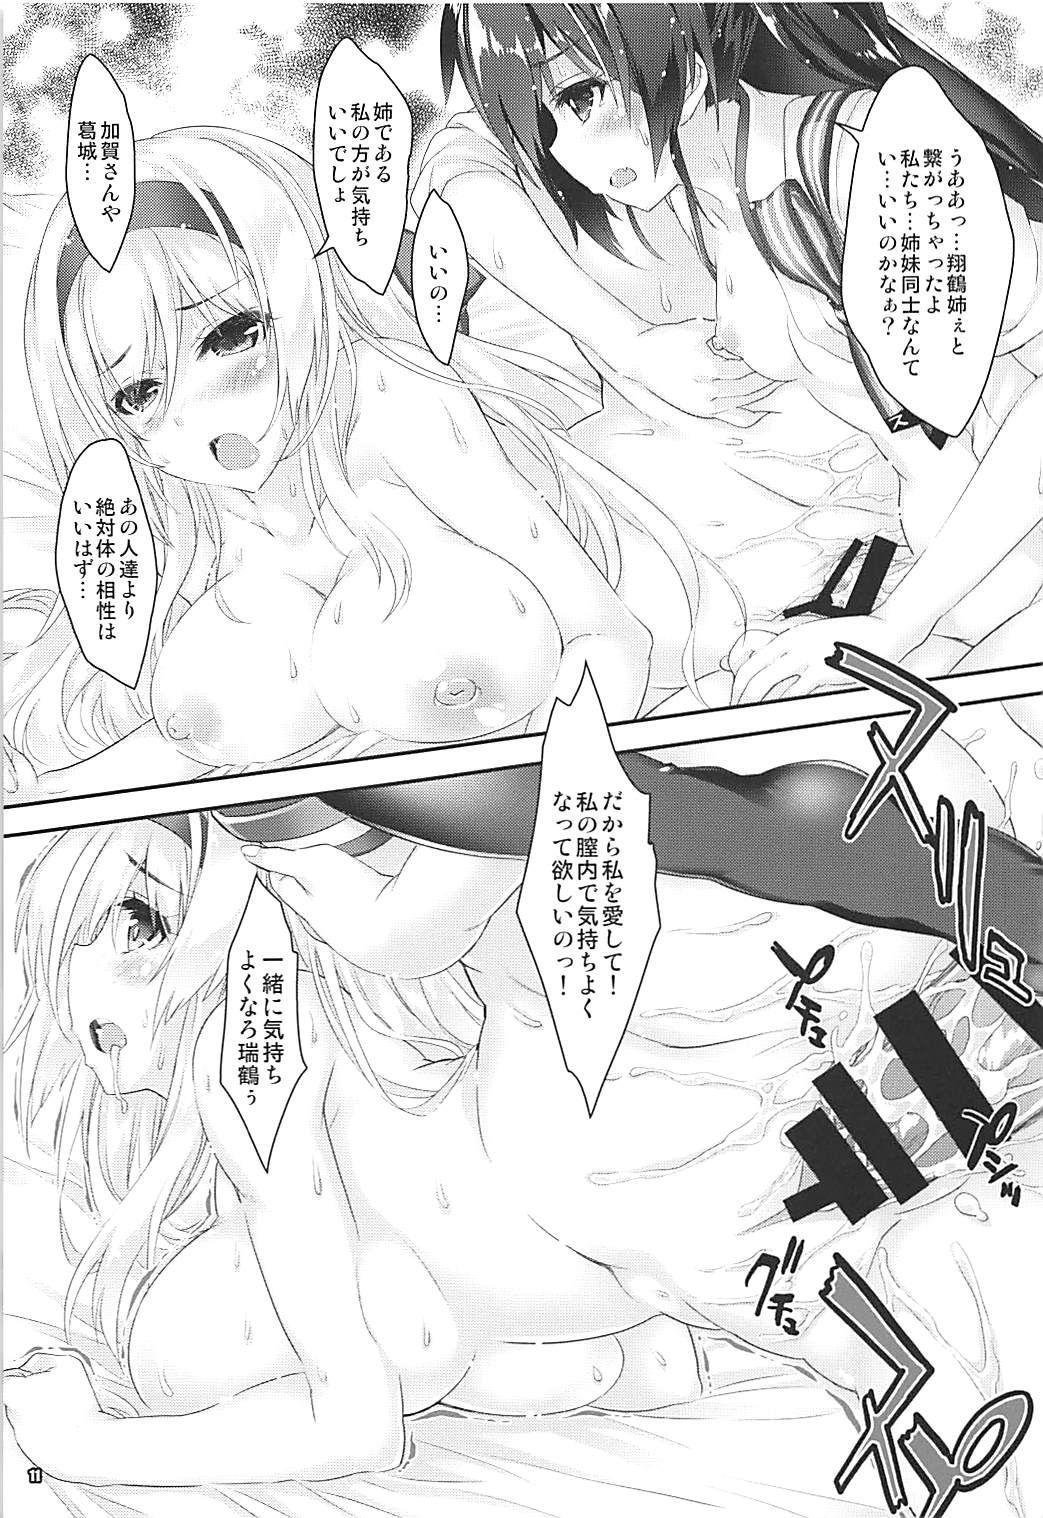 Kanmusu wa H Daisuki 10 10